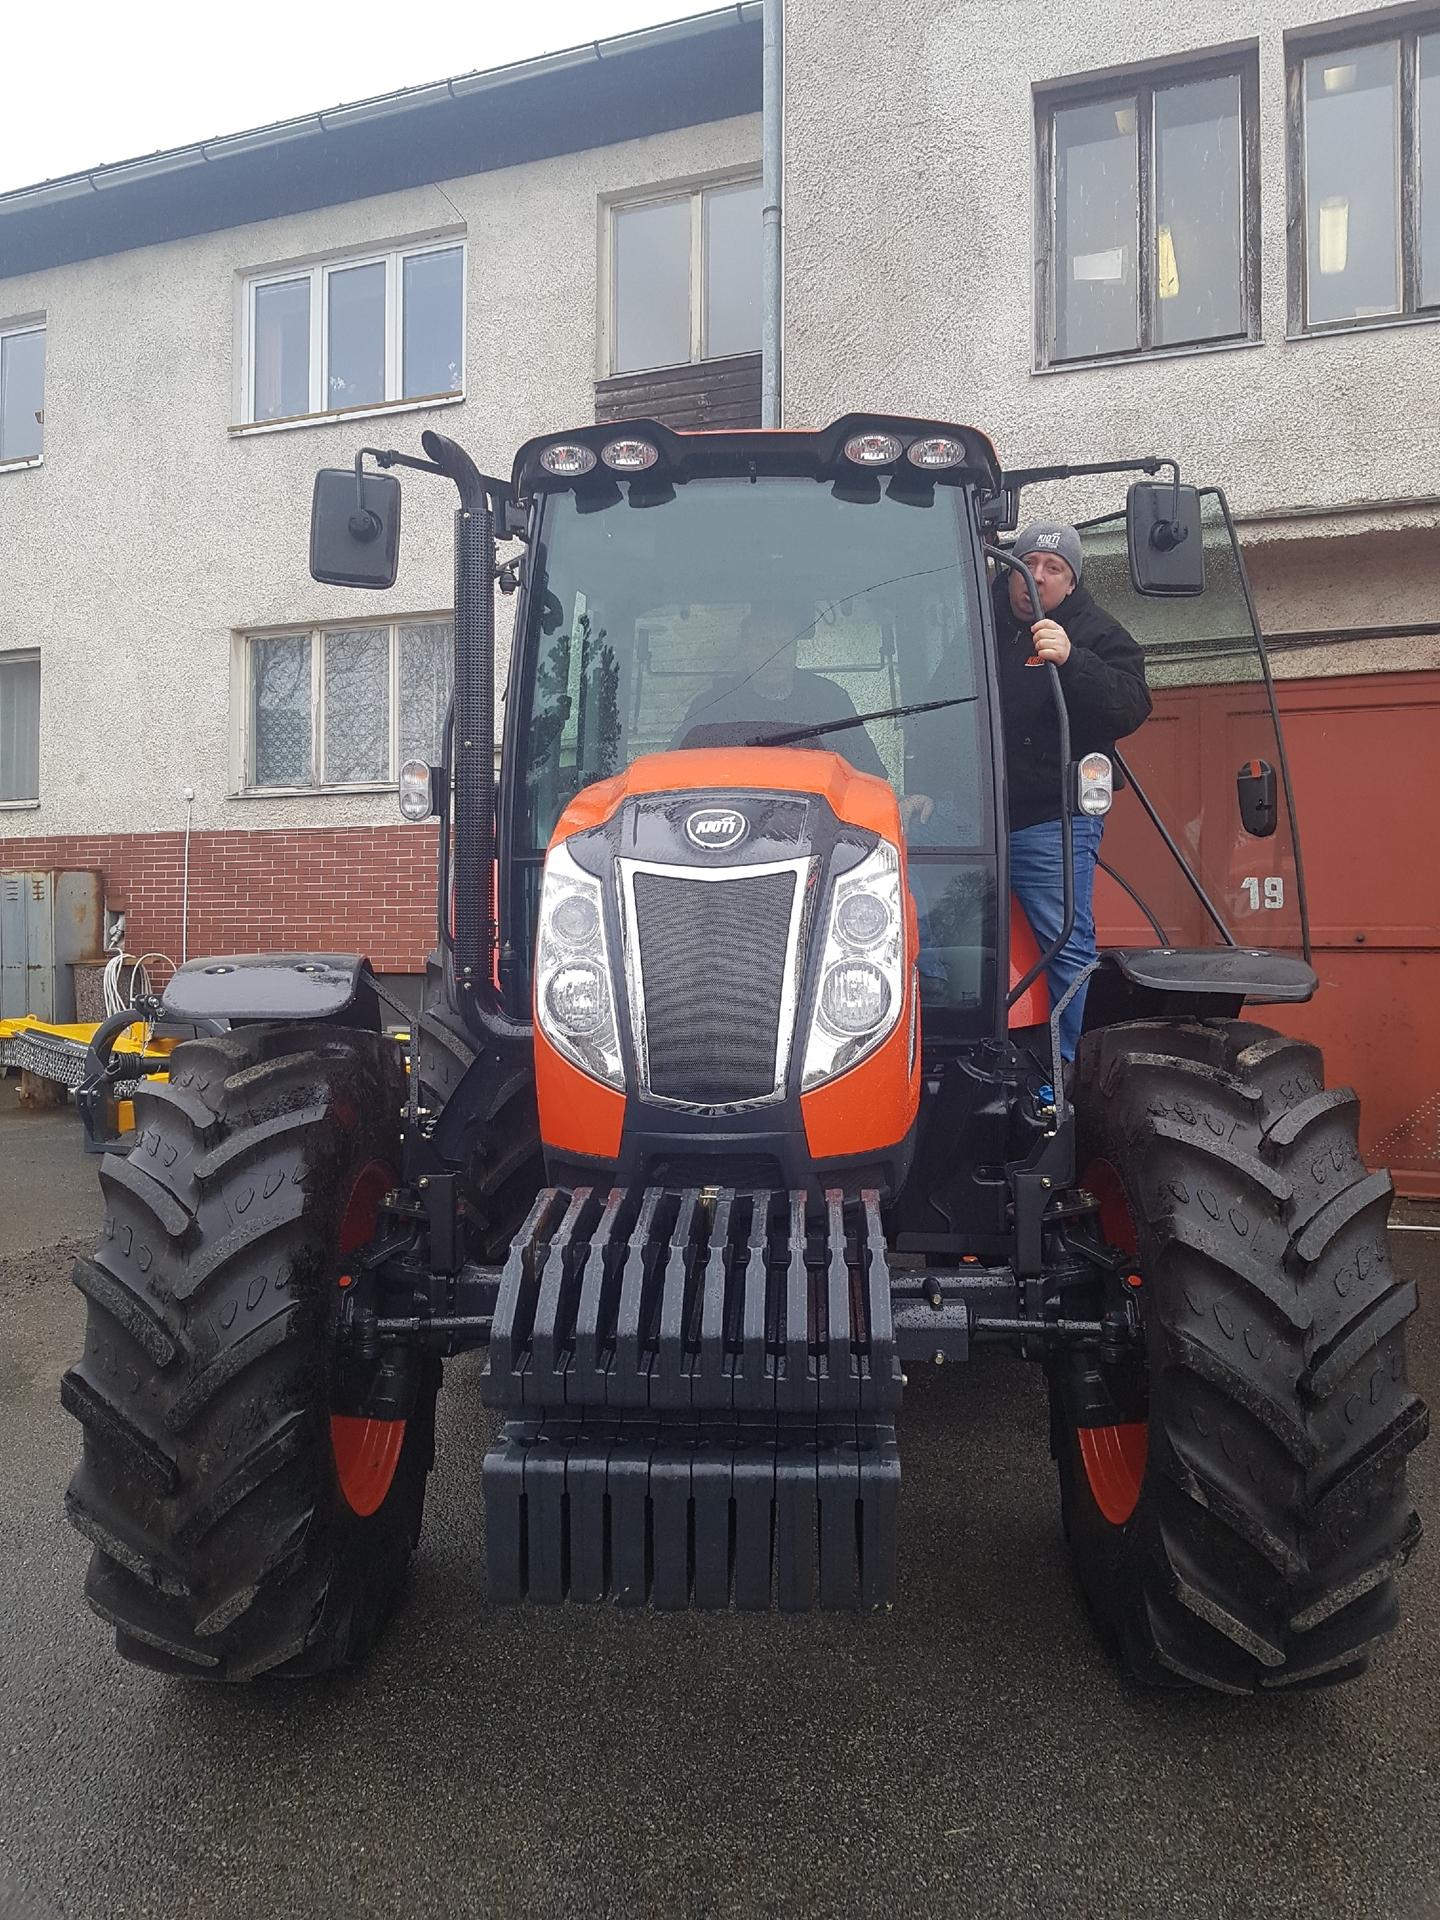 Dny-otevrenych-dveri-P-L-Kasperske-Hory-Traktor-Kioti-PX1053.jpg